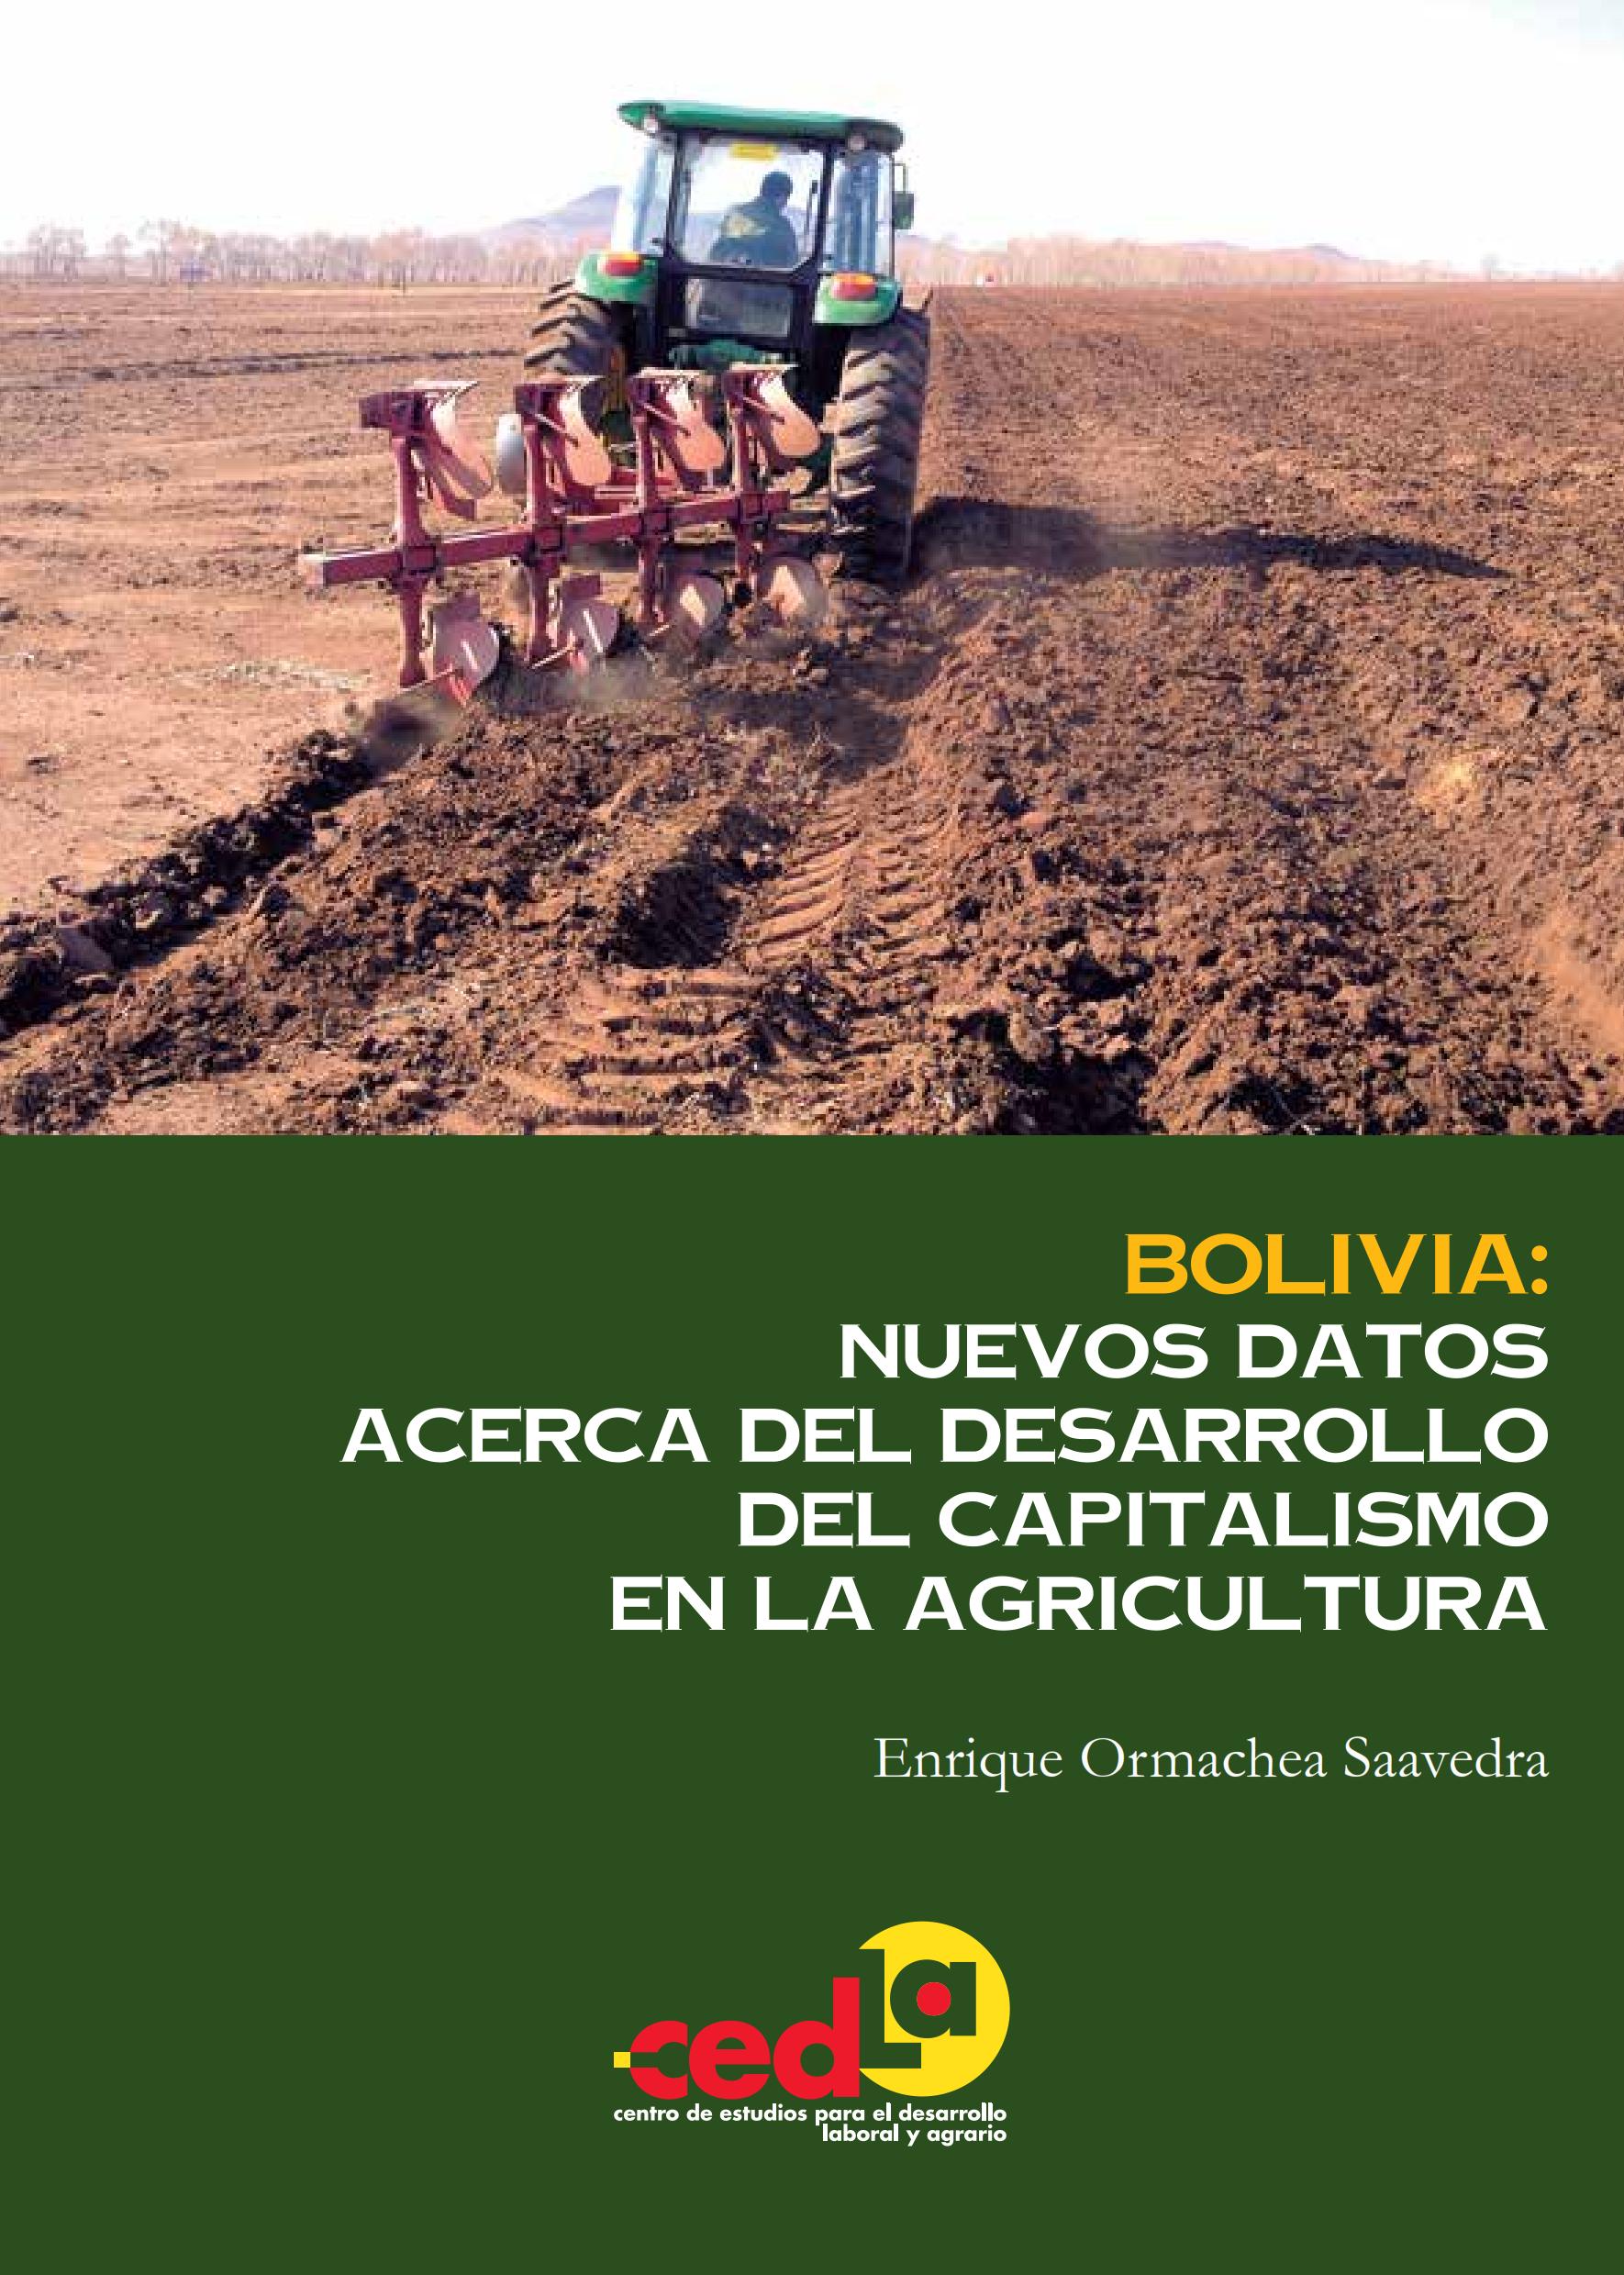 nuevos_datos_acerca_del_desarrollo_del_capitalismo_en_la_agricultura_001.png